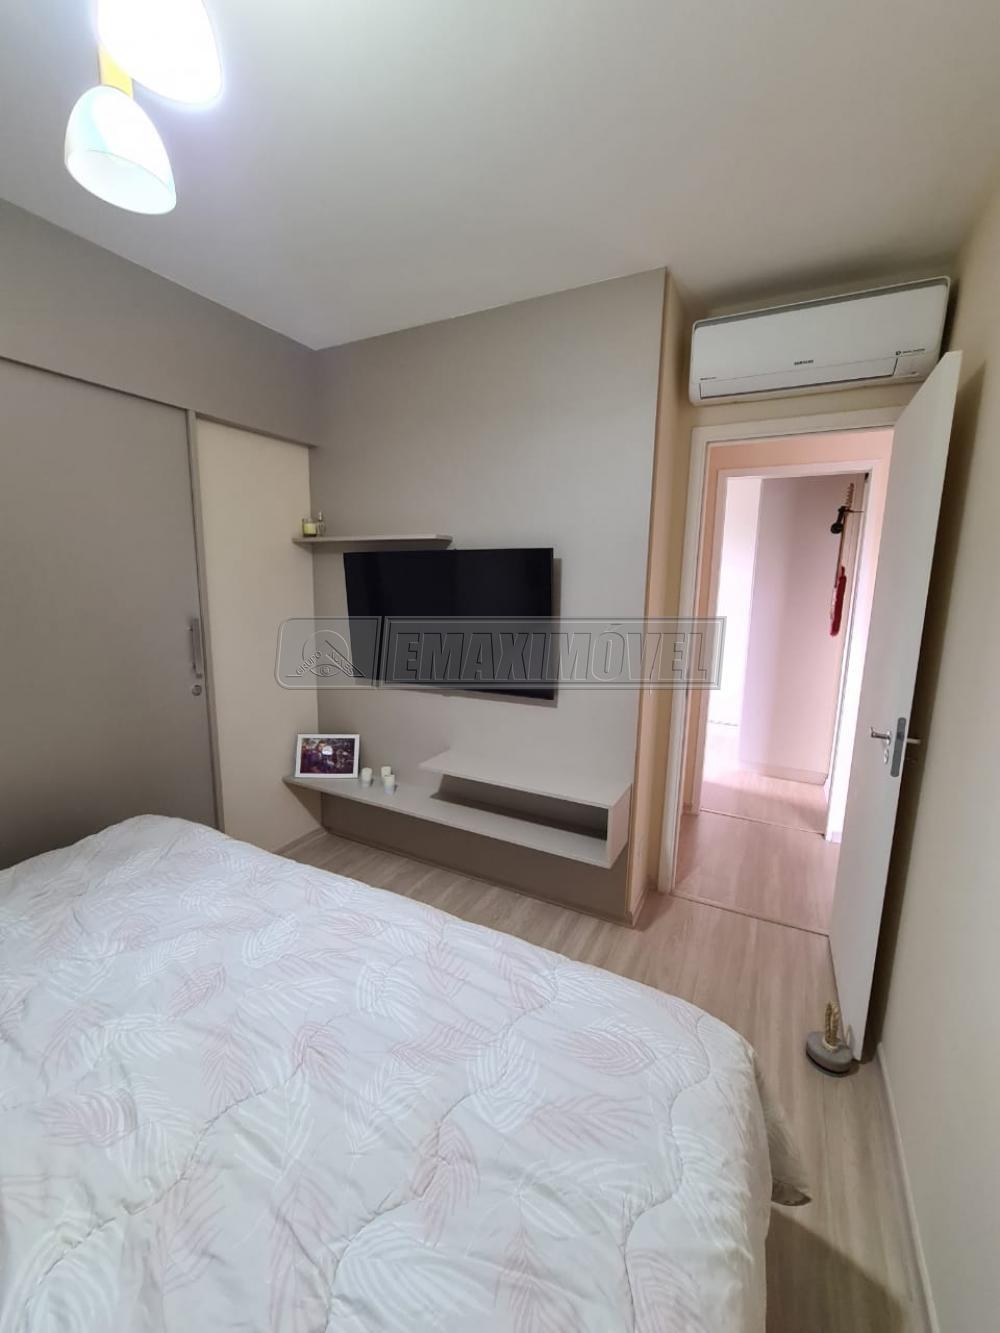 Comprar Apartamentos / Apto Padrão em Sorocaba R$ 350.000,00 - Foto 17